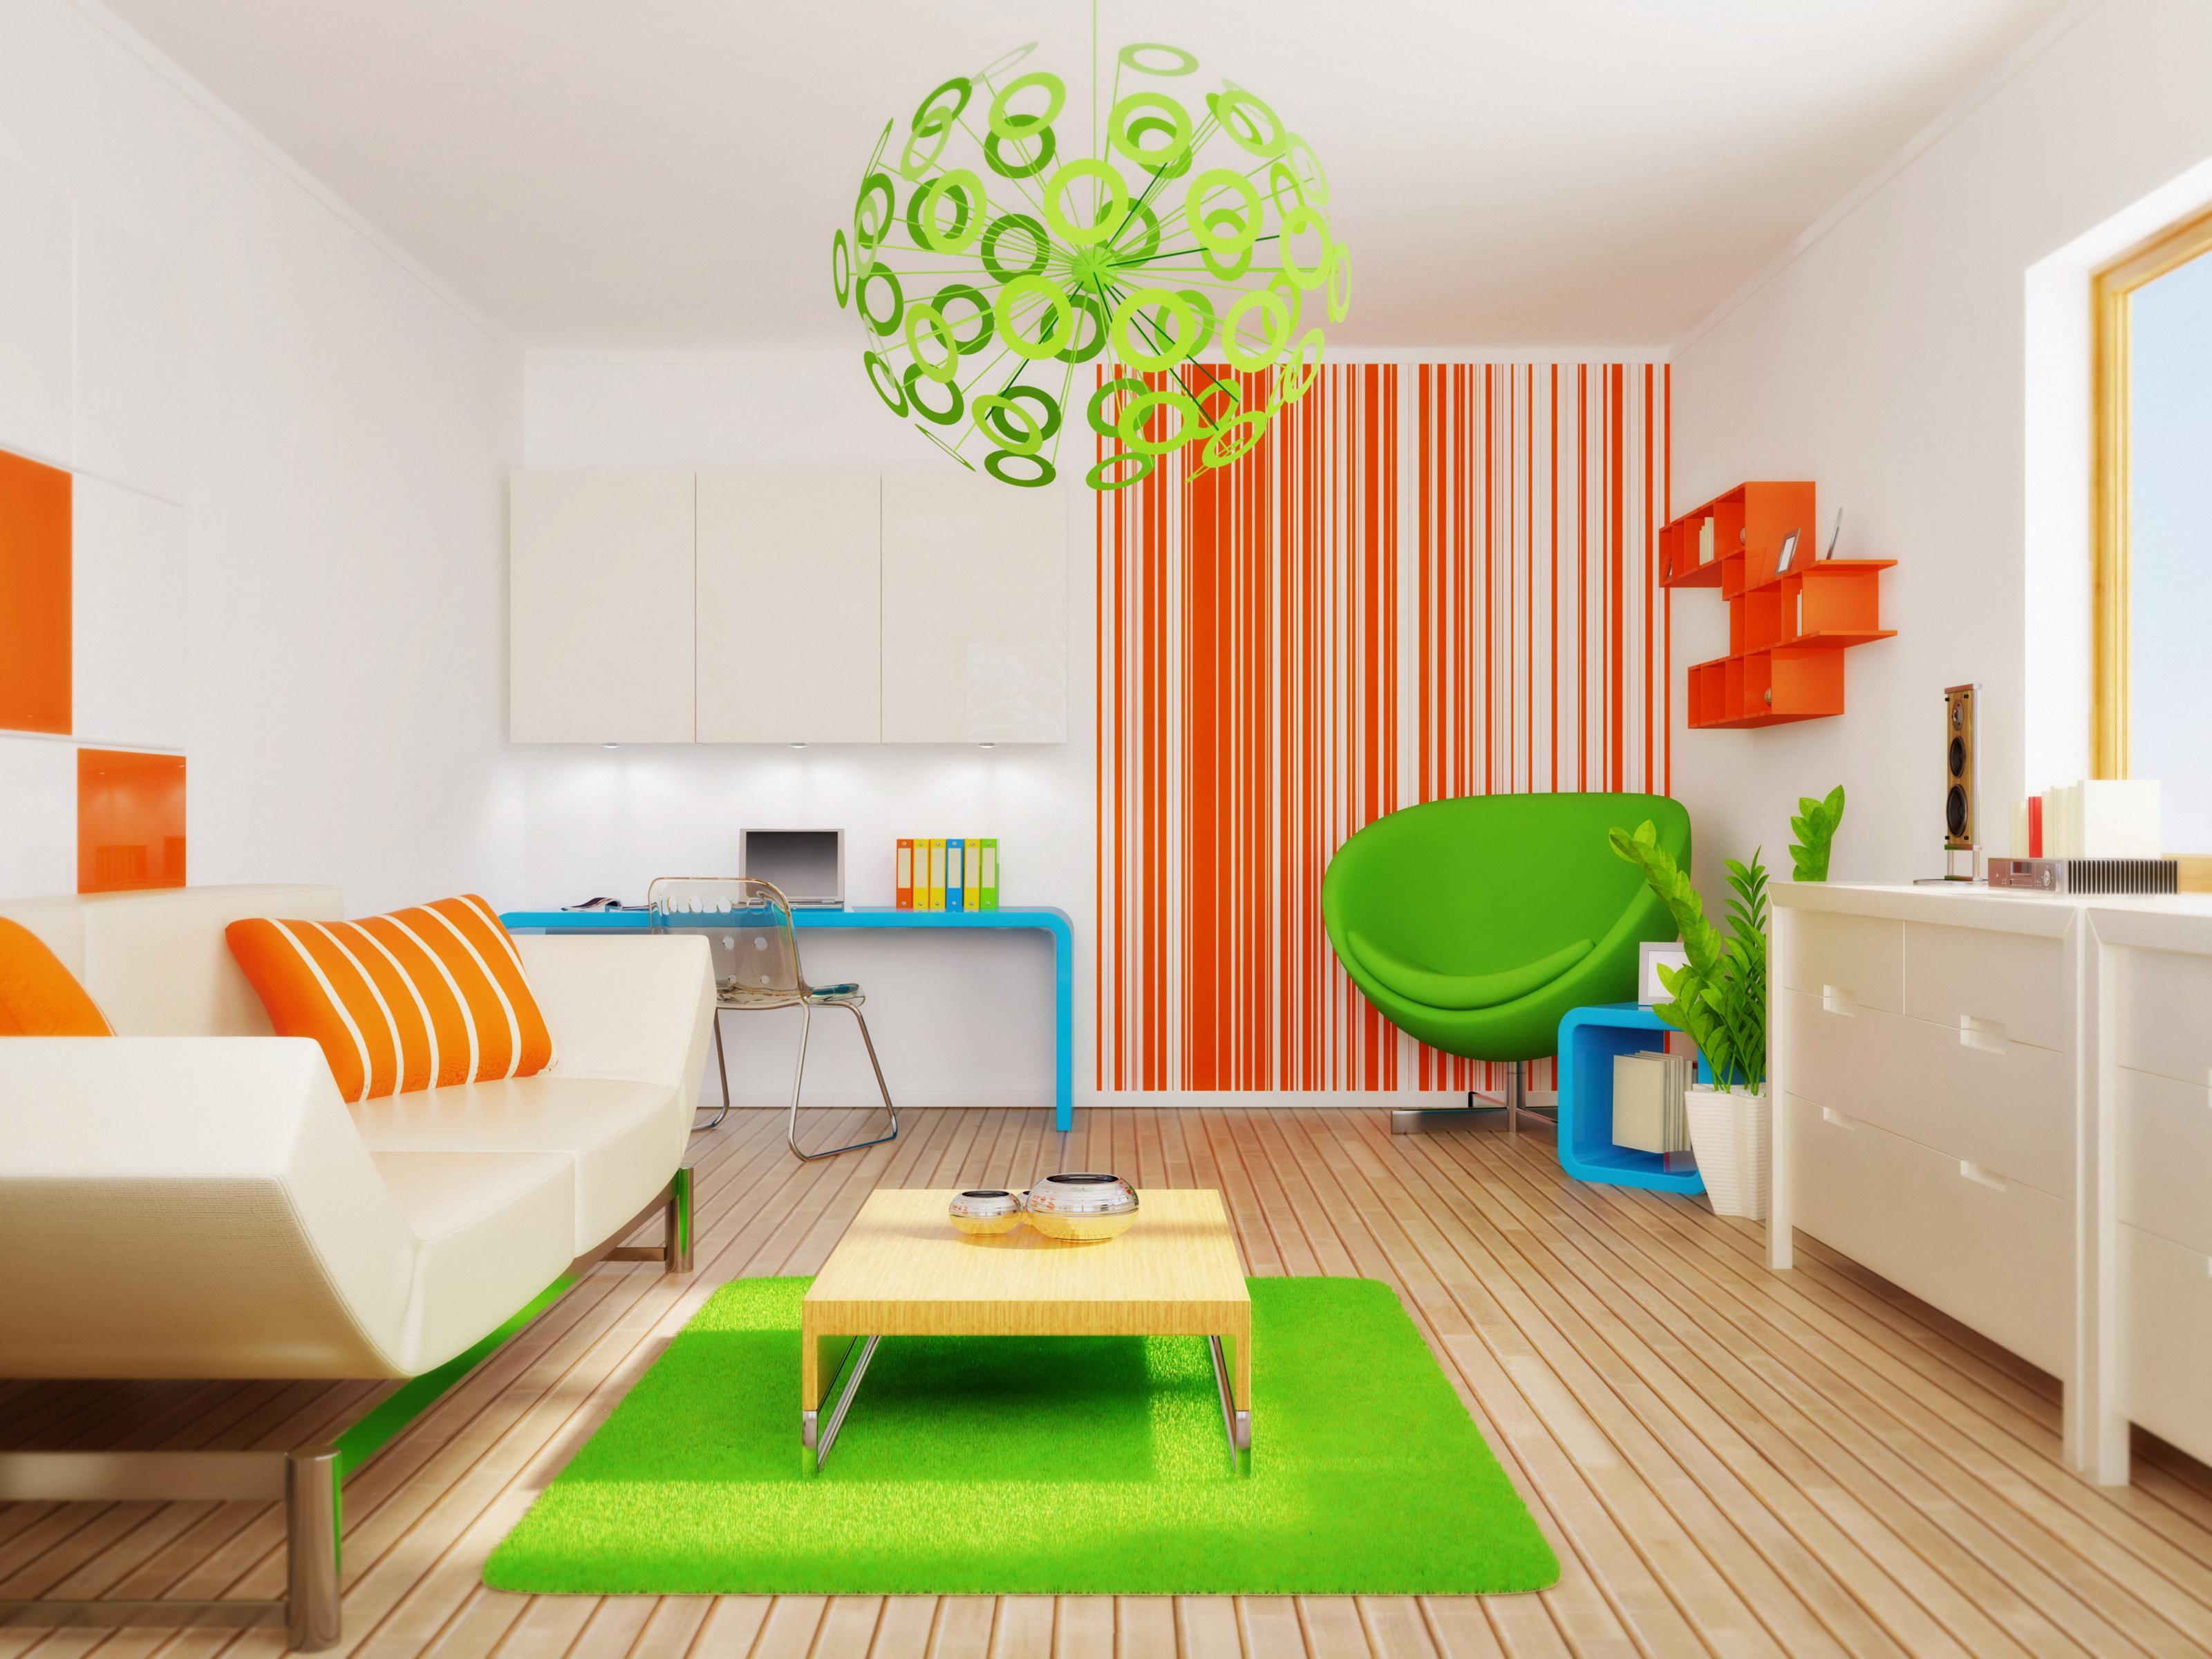 Картинка Детская комната 3D Графика Интерьер Диван Люстра Кресло Дизайн 3д люстры диване дизайна